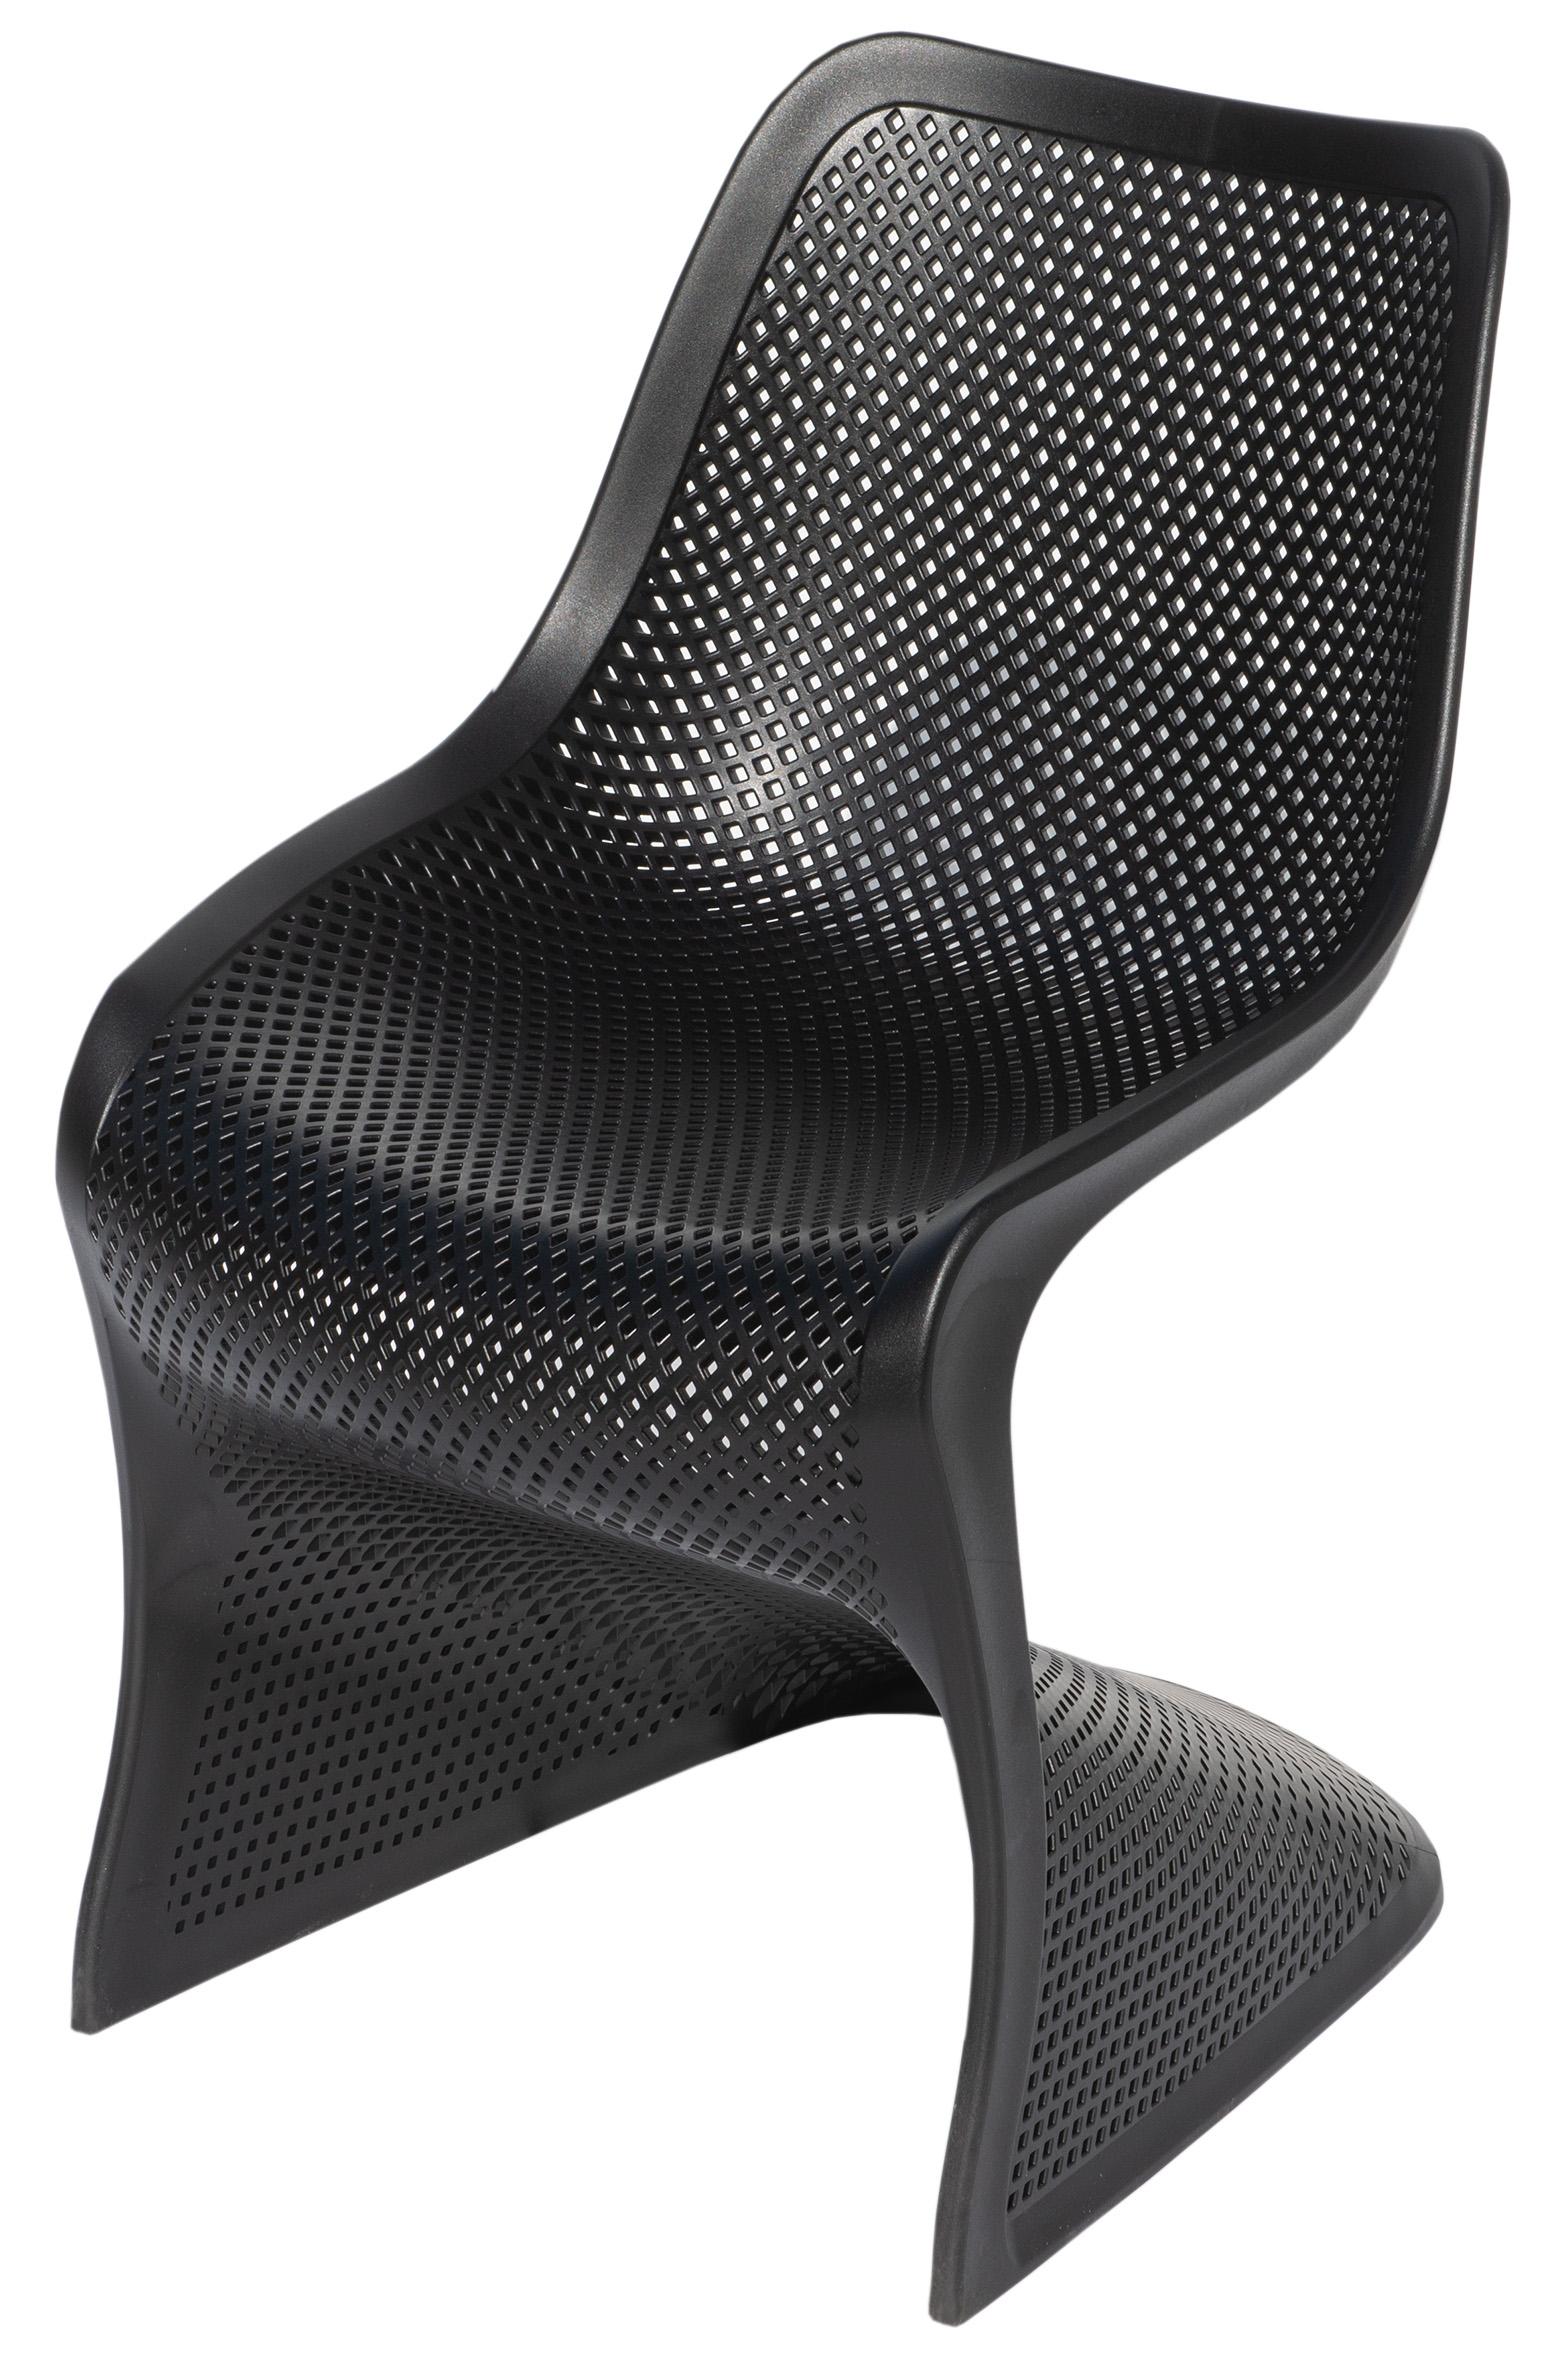 Outdoor-Stuhl BLOOM: innovatives Design, für Innen & Außen, wetter-/UV-beständig, stapelbar (Stapelstühle) - MEGA-reduziert für den Sommer 2021